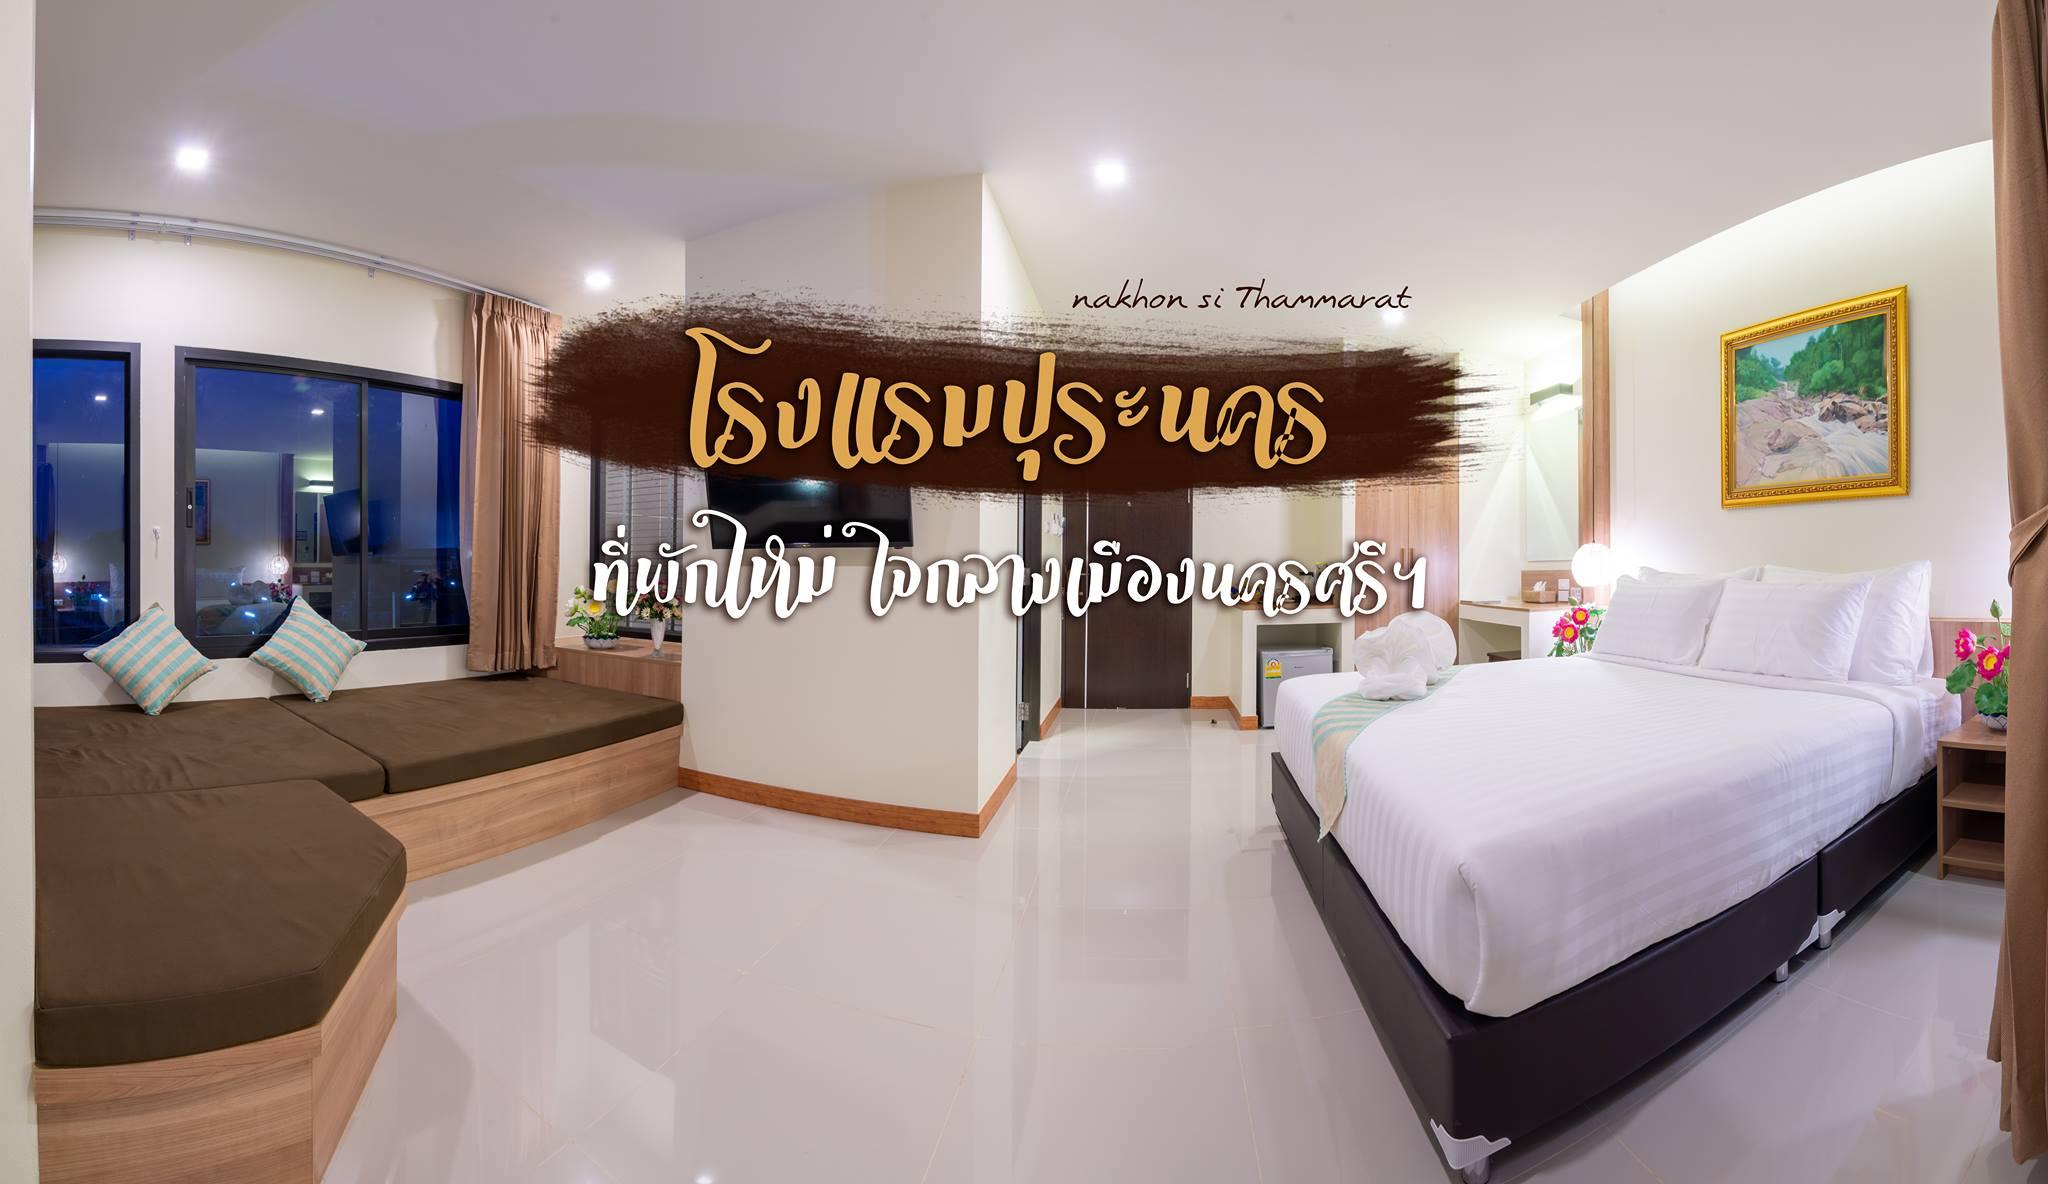 โรงแรมปุระนคร---Puranakhon-- Fรงแรมนี้ชื่อว่า--ปุระนคร--เรื่องความสวยงามแอดมินให้เต็ม-10/10-ไม่ว่าจะภายในหรือภายนอกการตกแต่งเต็มไปด้วยเอกลักษณ์และเสน่ห์แห่งนครศรีธรรมราชเลยครับ-ภายในห้องพักแต่ละห้องตกแต่งด้วยภาพวาดต่างๆ-ไม่ว่าจะเป็นสถานที่ท่องเที่ยวในนครศรีธรรมราช-วิถีชีวิต-ภูมิปัญญาต่างๆท้องถิ่นแห่งเมืองคอน-ขอบอกว่าสุดยอดจริงๆครับ-ชื่อห้องพักและชื่อชั้นในแต่ละชั้น-จะเป็นชื่อสถานที่ในจังหวัดนครศรีธรรมราชด้วยครับ-อย่างชั้น-ห้องคีรีวง-ชั้นคีรีวง-ชั้นนบพิตำ-ลานสกา-เป็นต้น-พร้อมทั้งโรงแรมยังมีบริการต่างๆอีกมากมาย-เช่น-ห้องประชุม-ห้องจัดเลี้ยง-และมีร้านอาหาร--โรงเตี๊ยม-เมืองนคร--ที่มีอาหารหลากหลายมากมายคอยให้บริการครับ-ในส่วนของความสวยงามของห้องพักแอดมินเข้าไปชมแล้ว-10/10-เช่นกันครับ-ของประดับตกแต่งในห้องมีการผสมผสานระหว่างสมัยใหม่-กับวัสดุ-otop-ภูมิปัญญาชาวบ้านครับ-ดีจริงๆนะเออ-ถ้ามานครศรีฯ-ต้องลองพักกันหน่อยแล้วนะครับ ที่พัก,ตัวเมืองนครศรี,พระธาตุ,กำแพงเมืองเก่า,วิวสวย,วิวเมือง